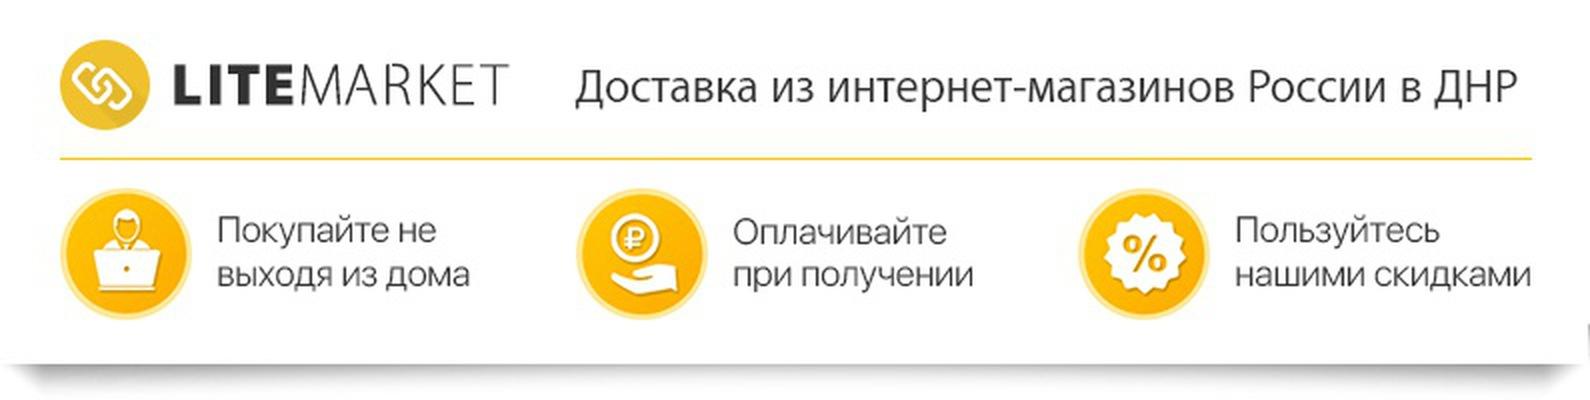 128b3d567a8a8 LiteMarket | ВКонтакте